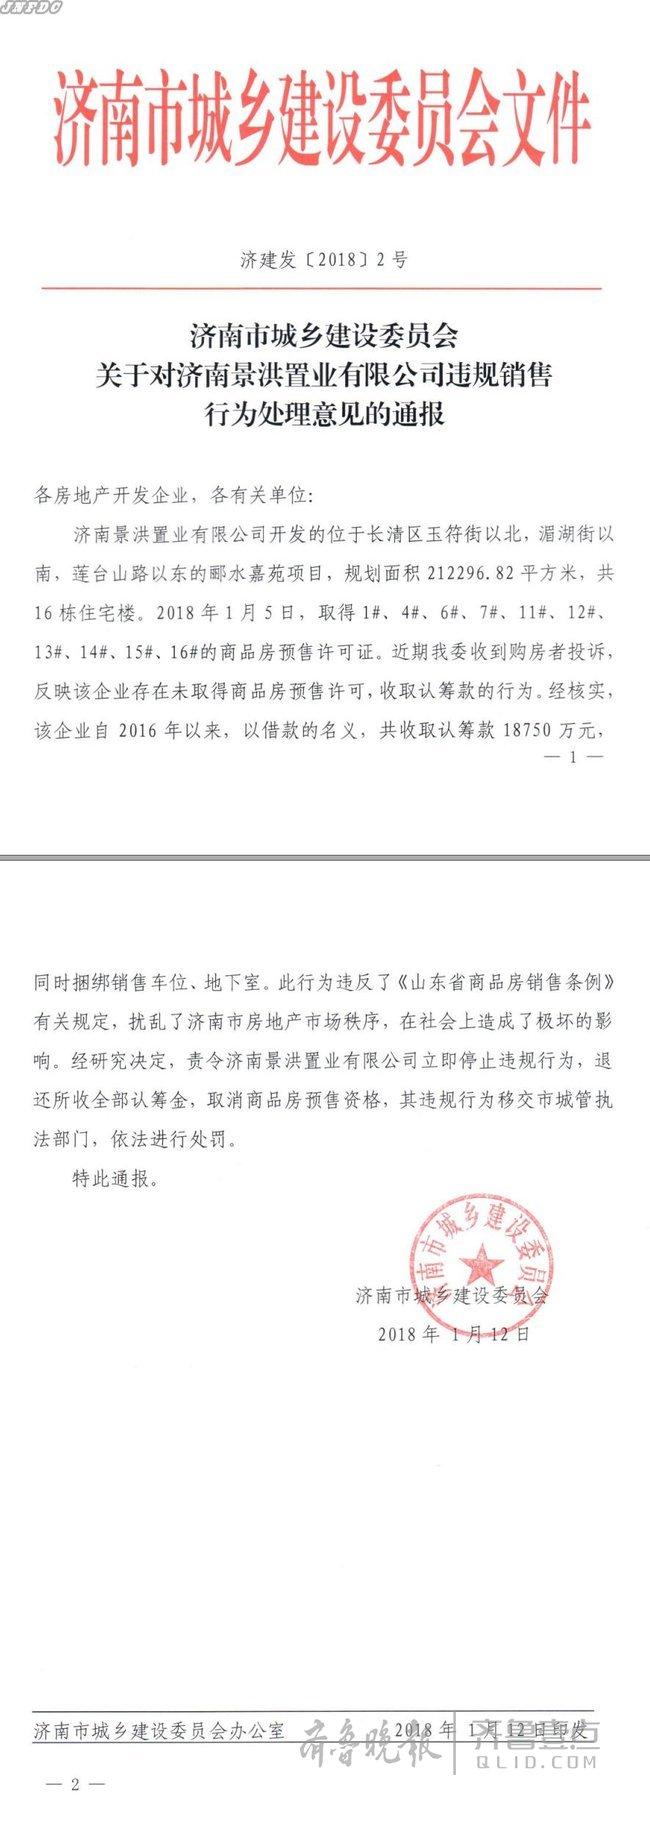 济南景洪置业违规认筹被通报处罚 还捆绑地下室车位销售